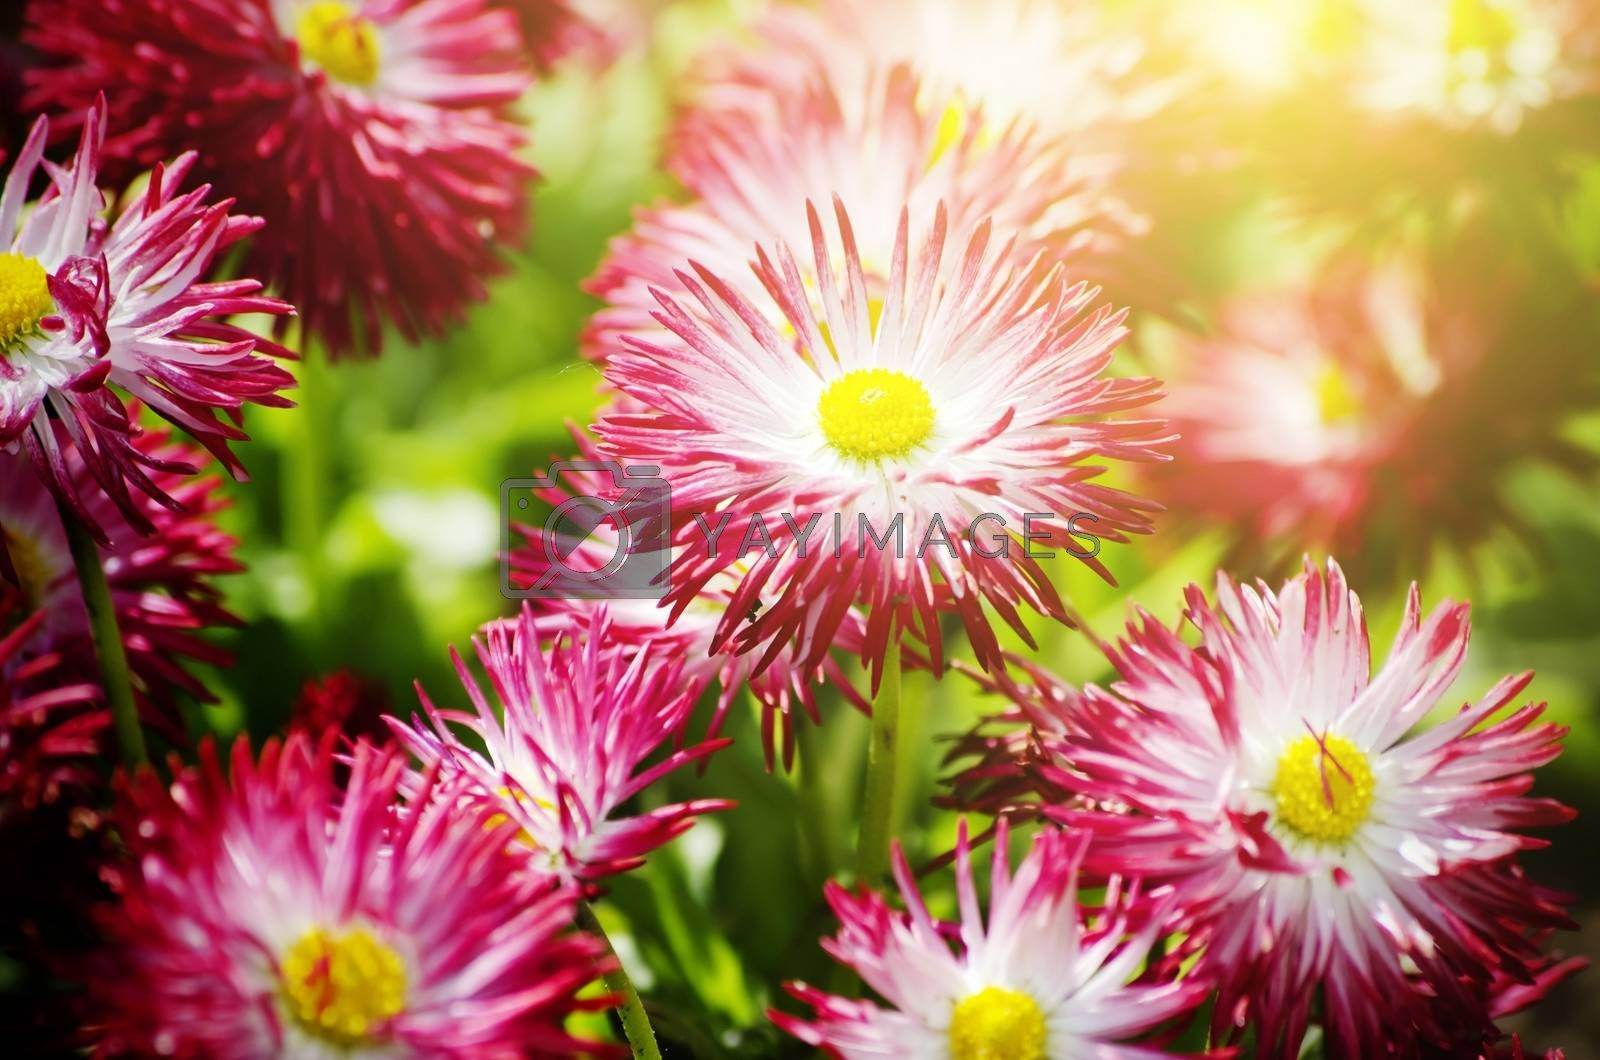 Royalty free image of Flower by razvodovska